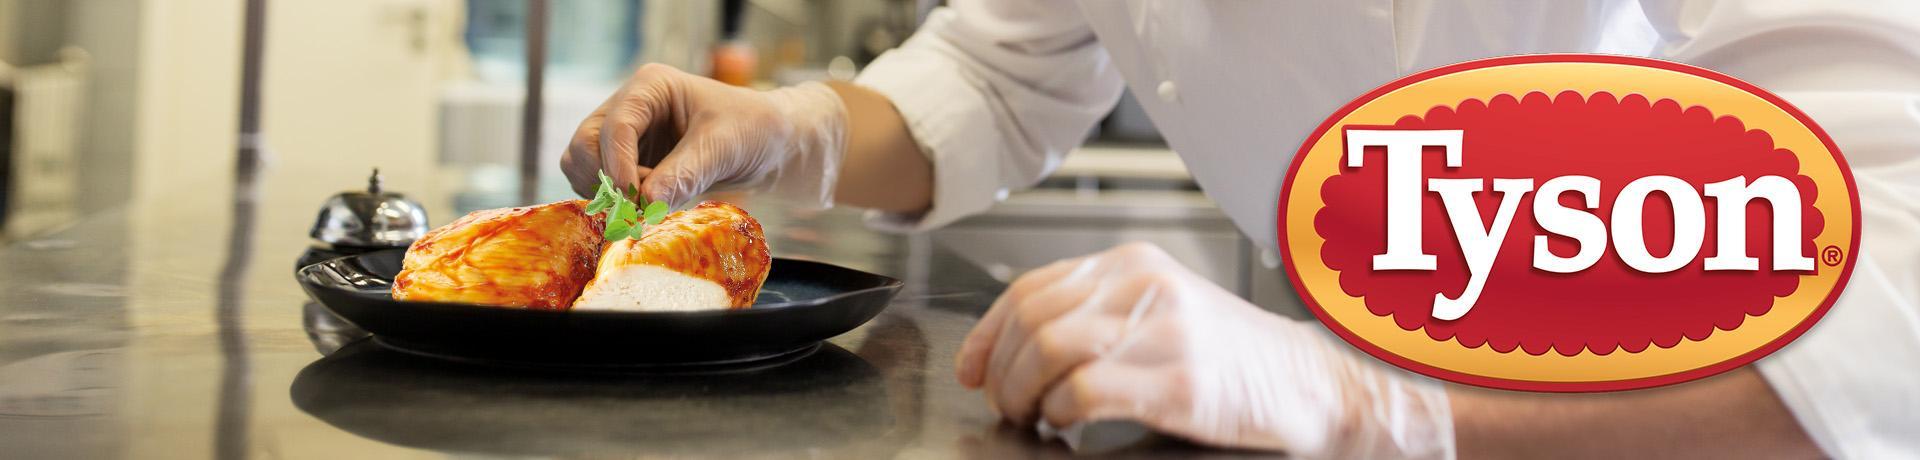 TYSON FOODS ITALIA